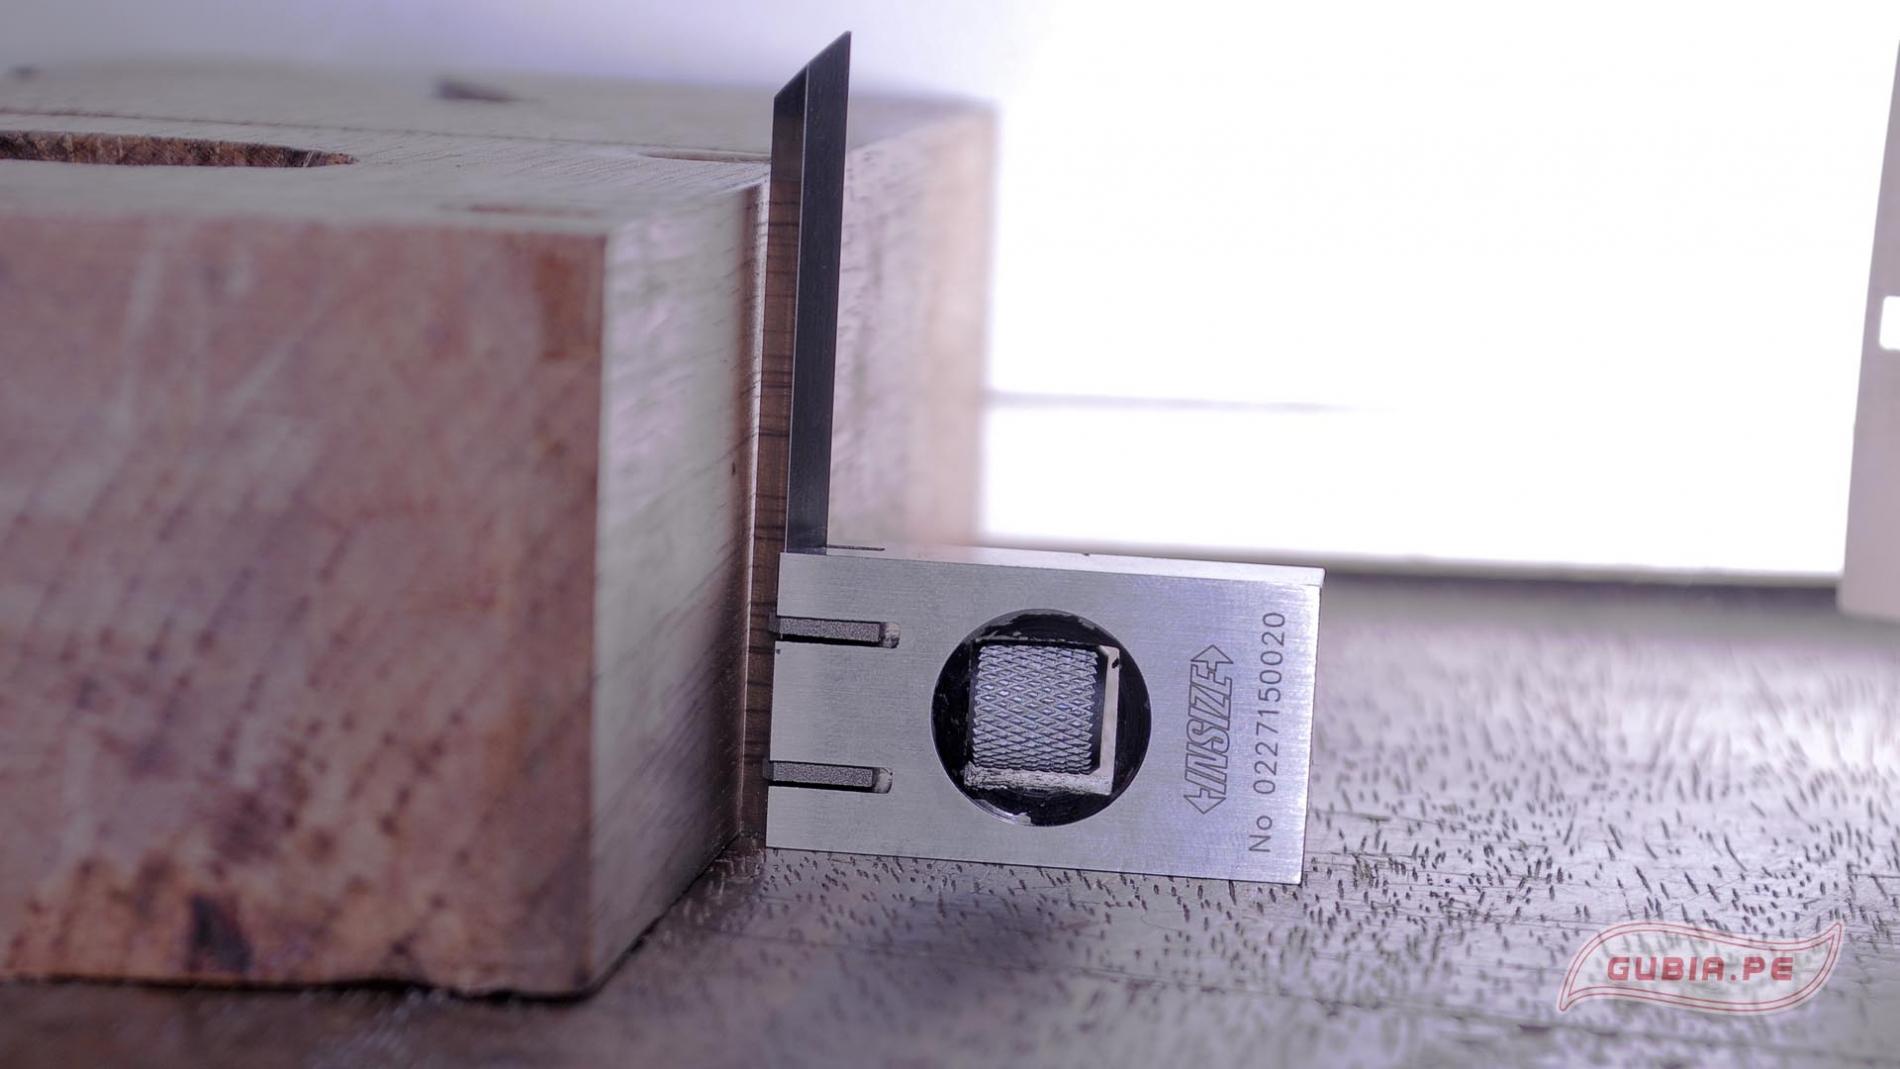 4701-01-Escuadrita ajustable y precisa medir angulo recto uniones caja 6x38 mm INSIZE 4701-01-max-6.